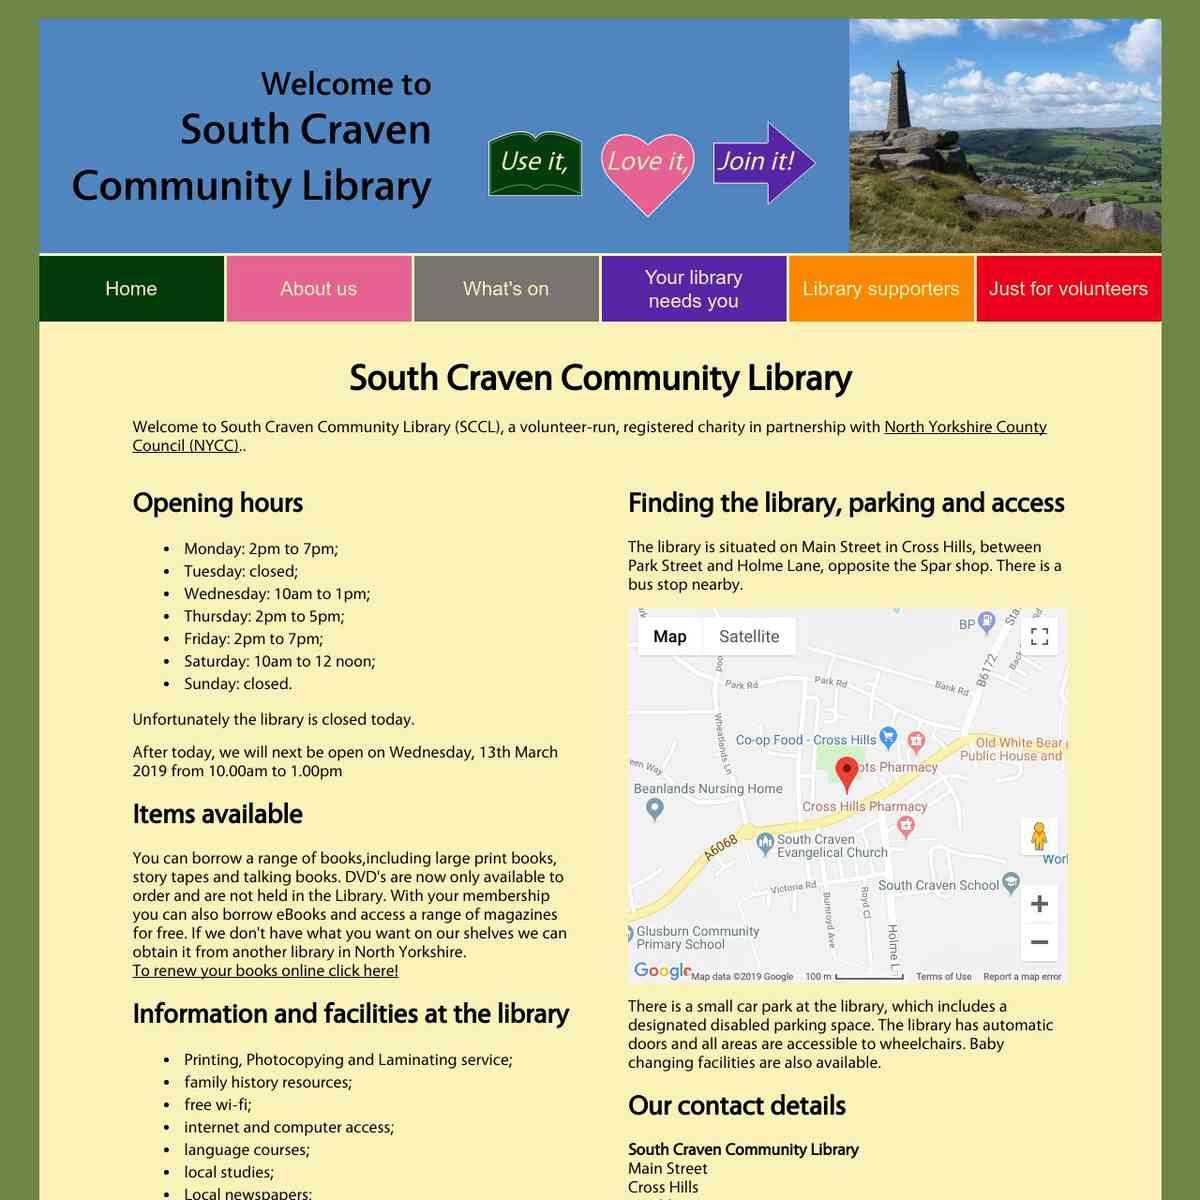 sccls.org.uk